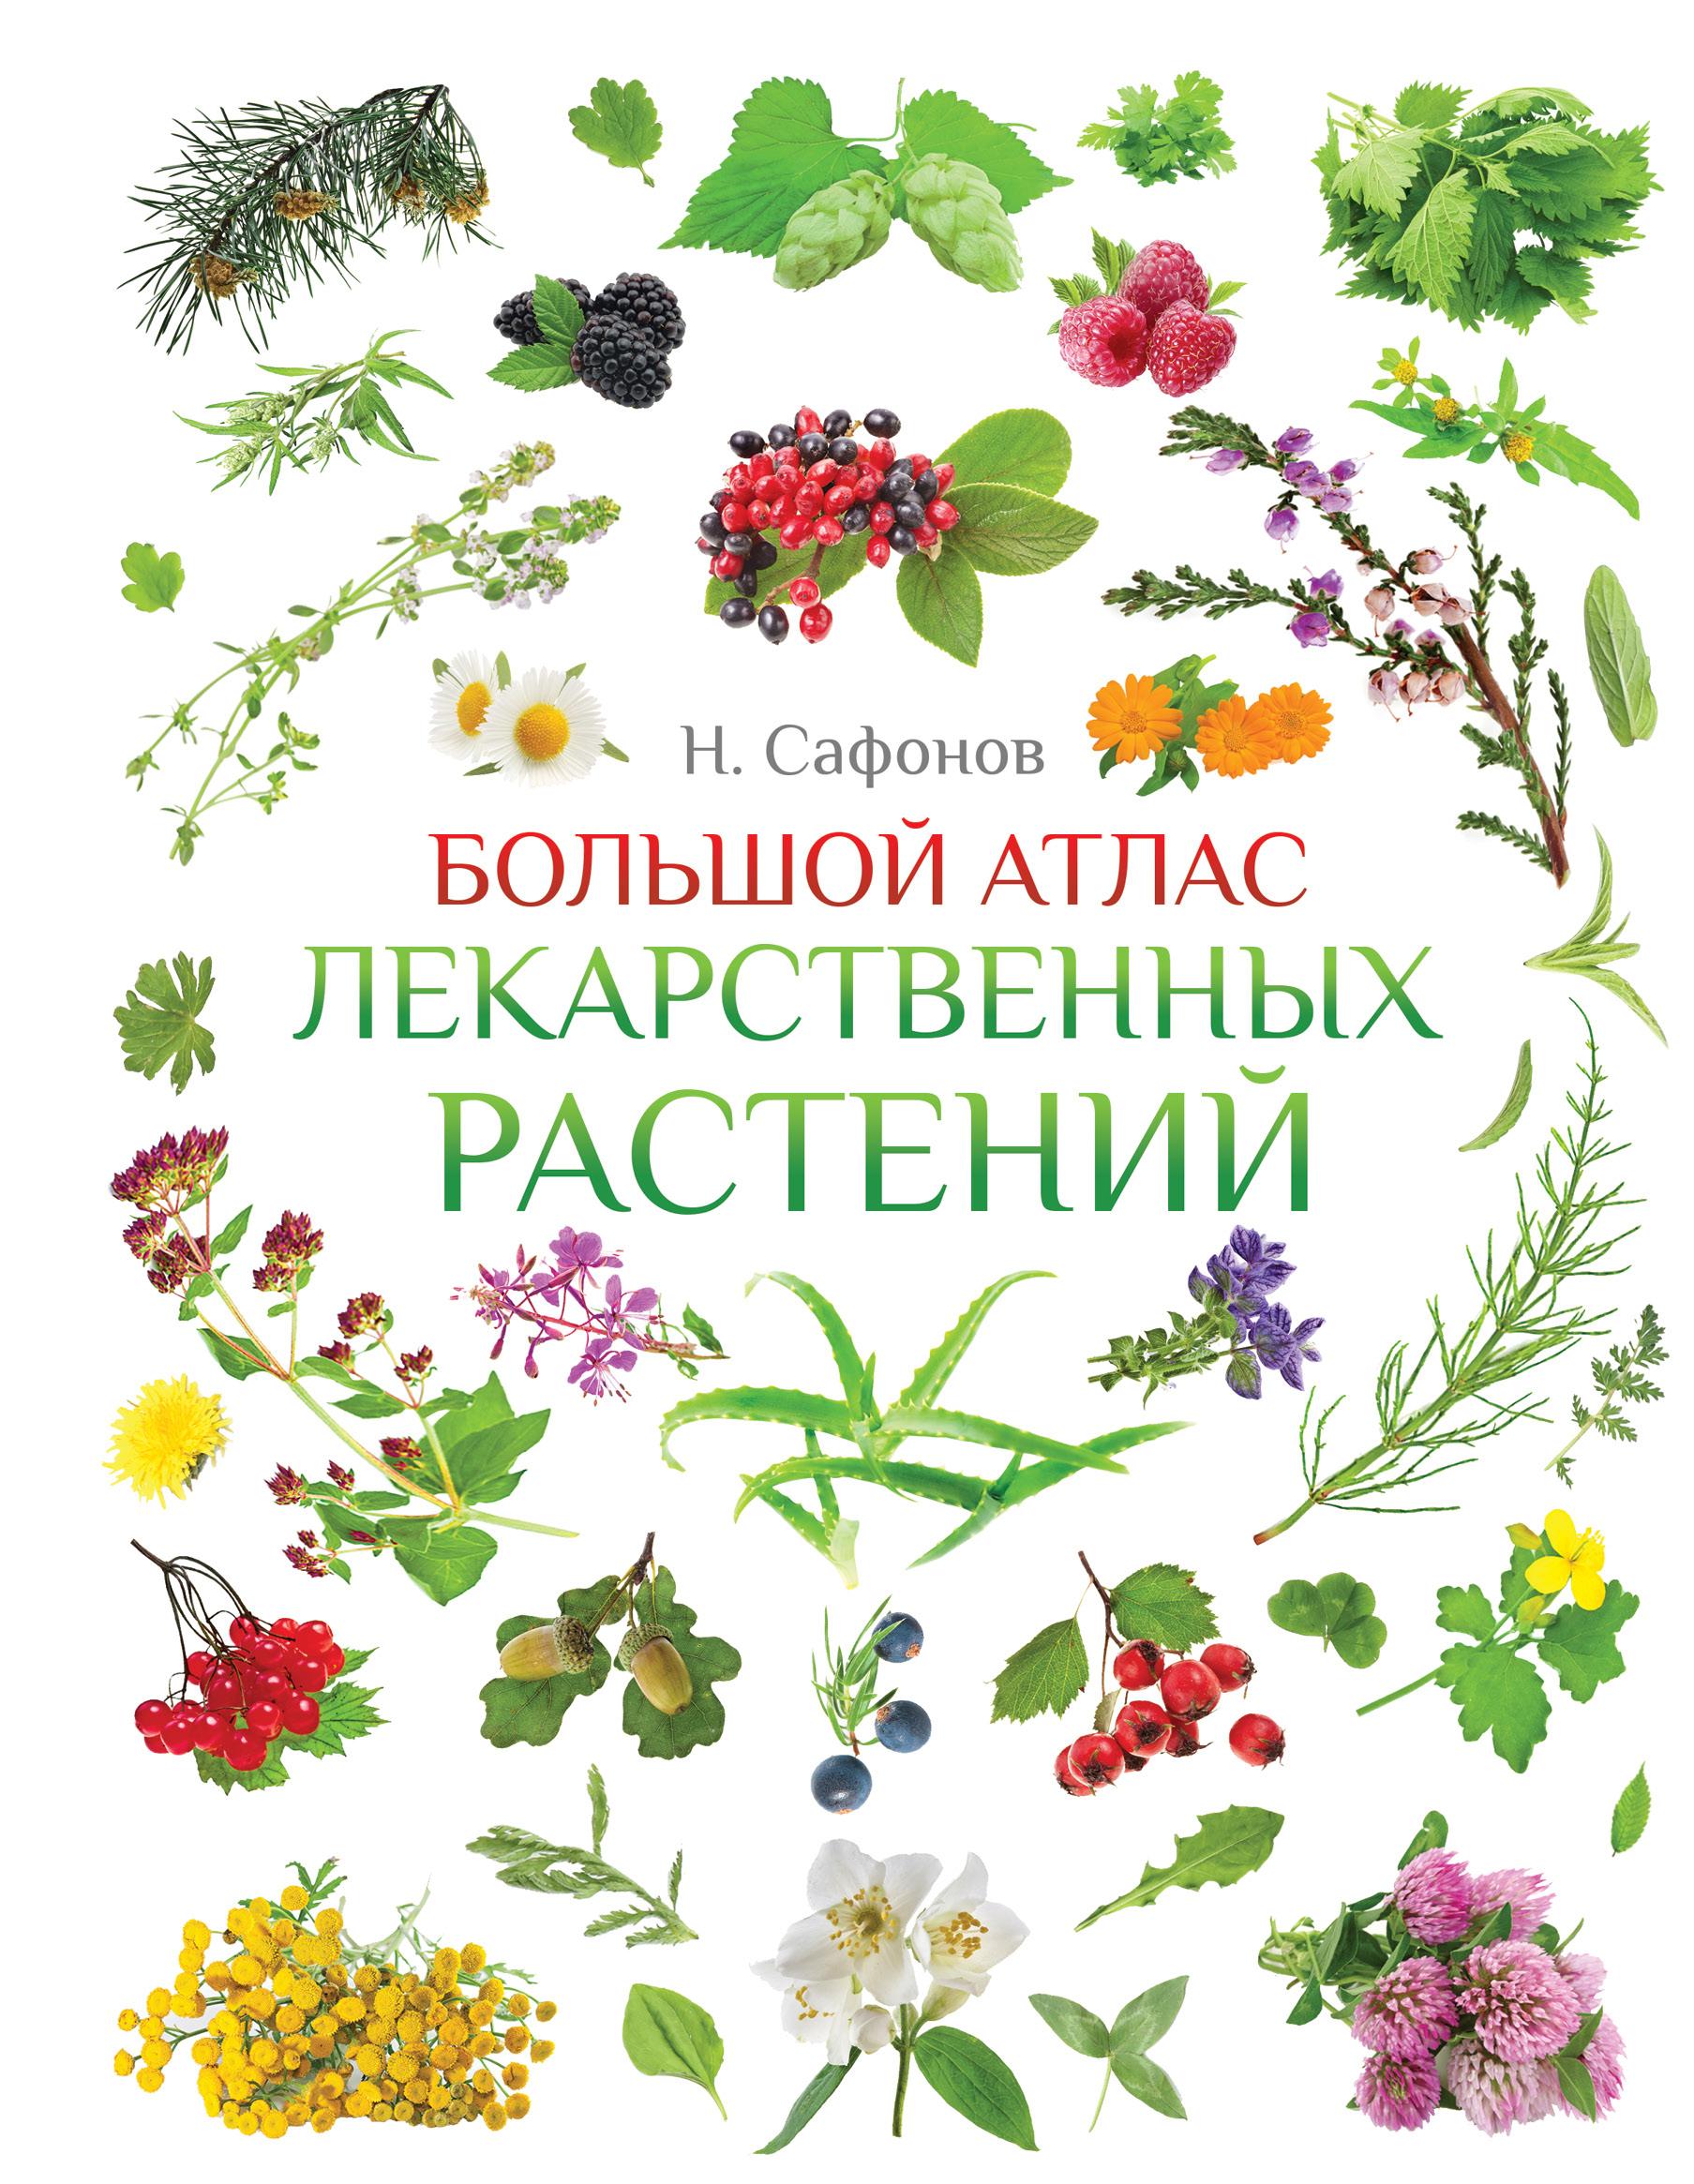 Большой атлас лекарственных растений